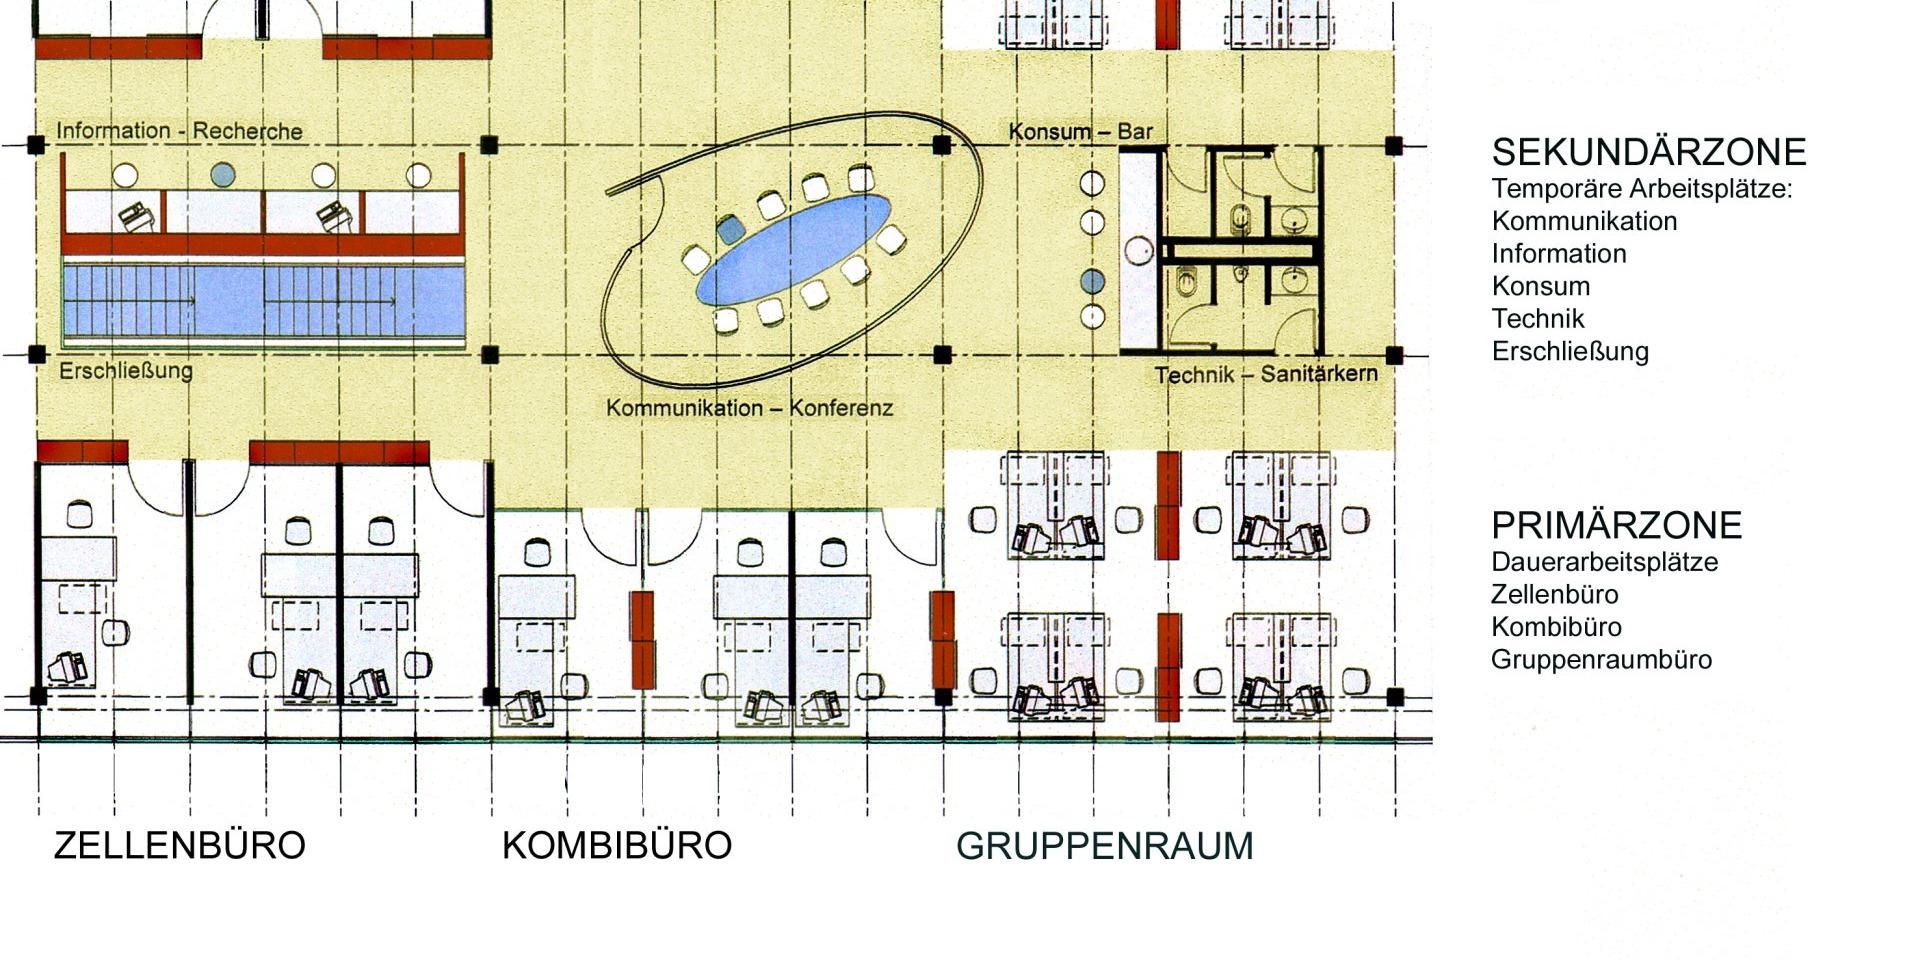 Architekten Frankfurt – Neubau Bürohaus Brentanopark in Frankfurt am Main Rödelheim, Architekturbüro Frick.Reichert Architekten